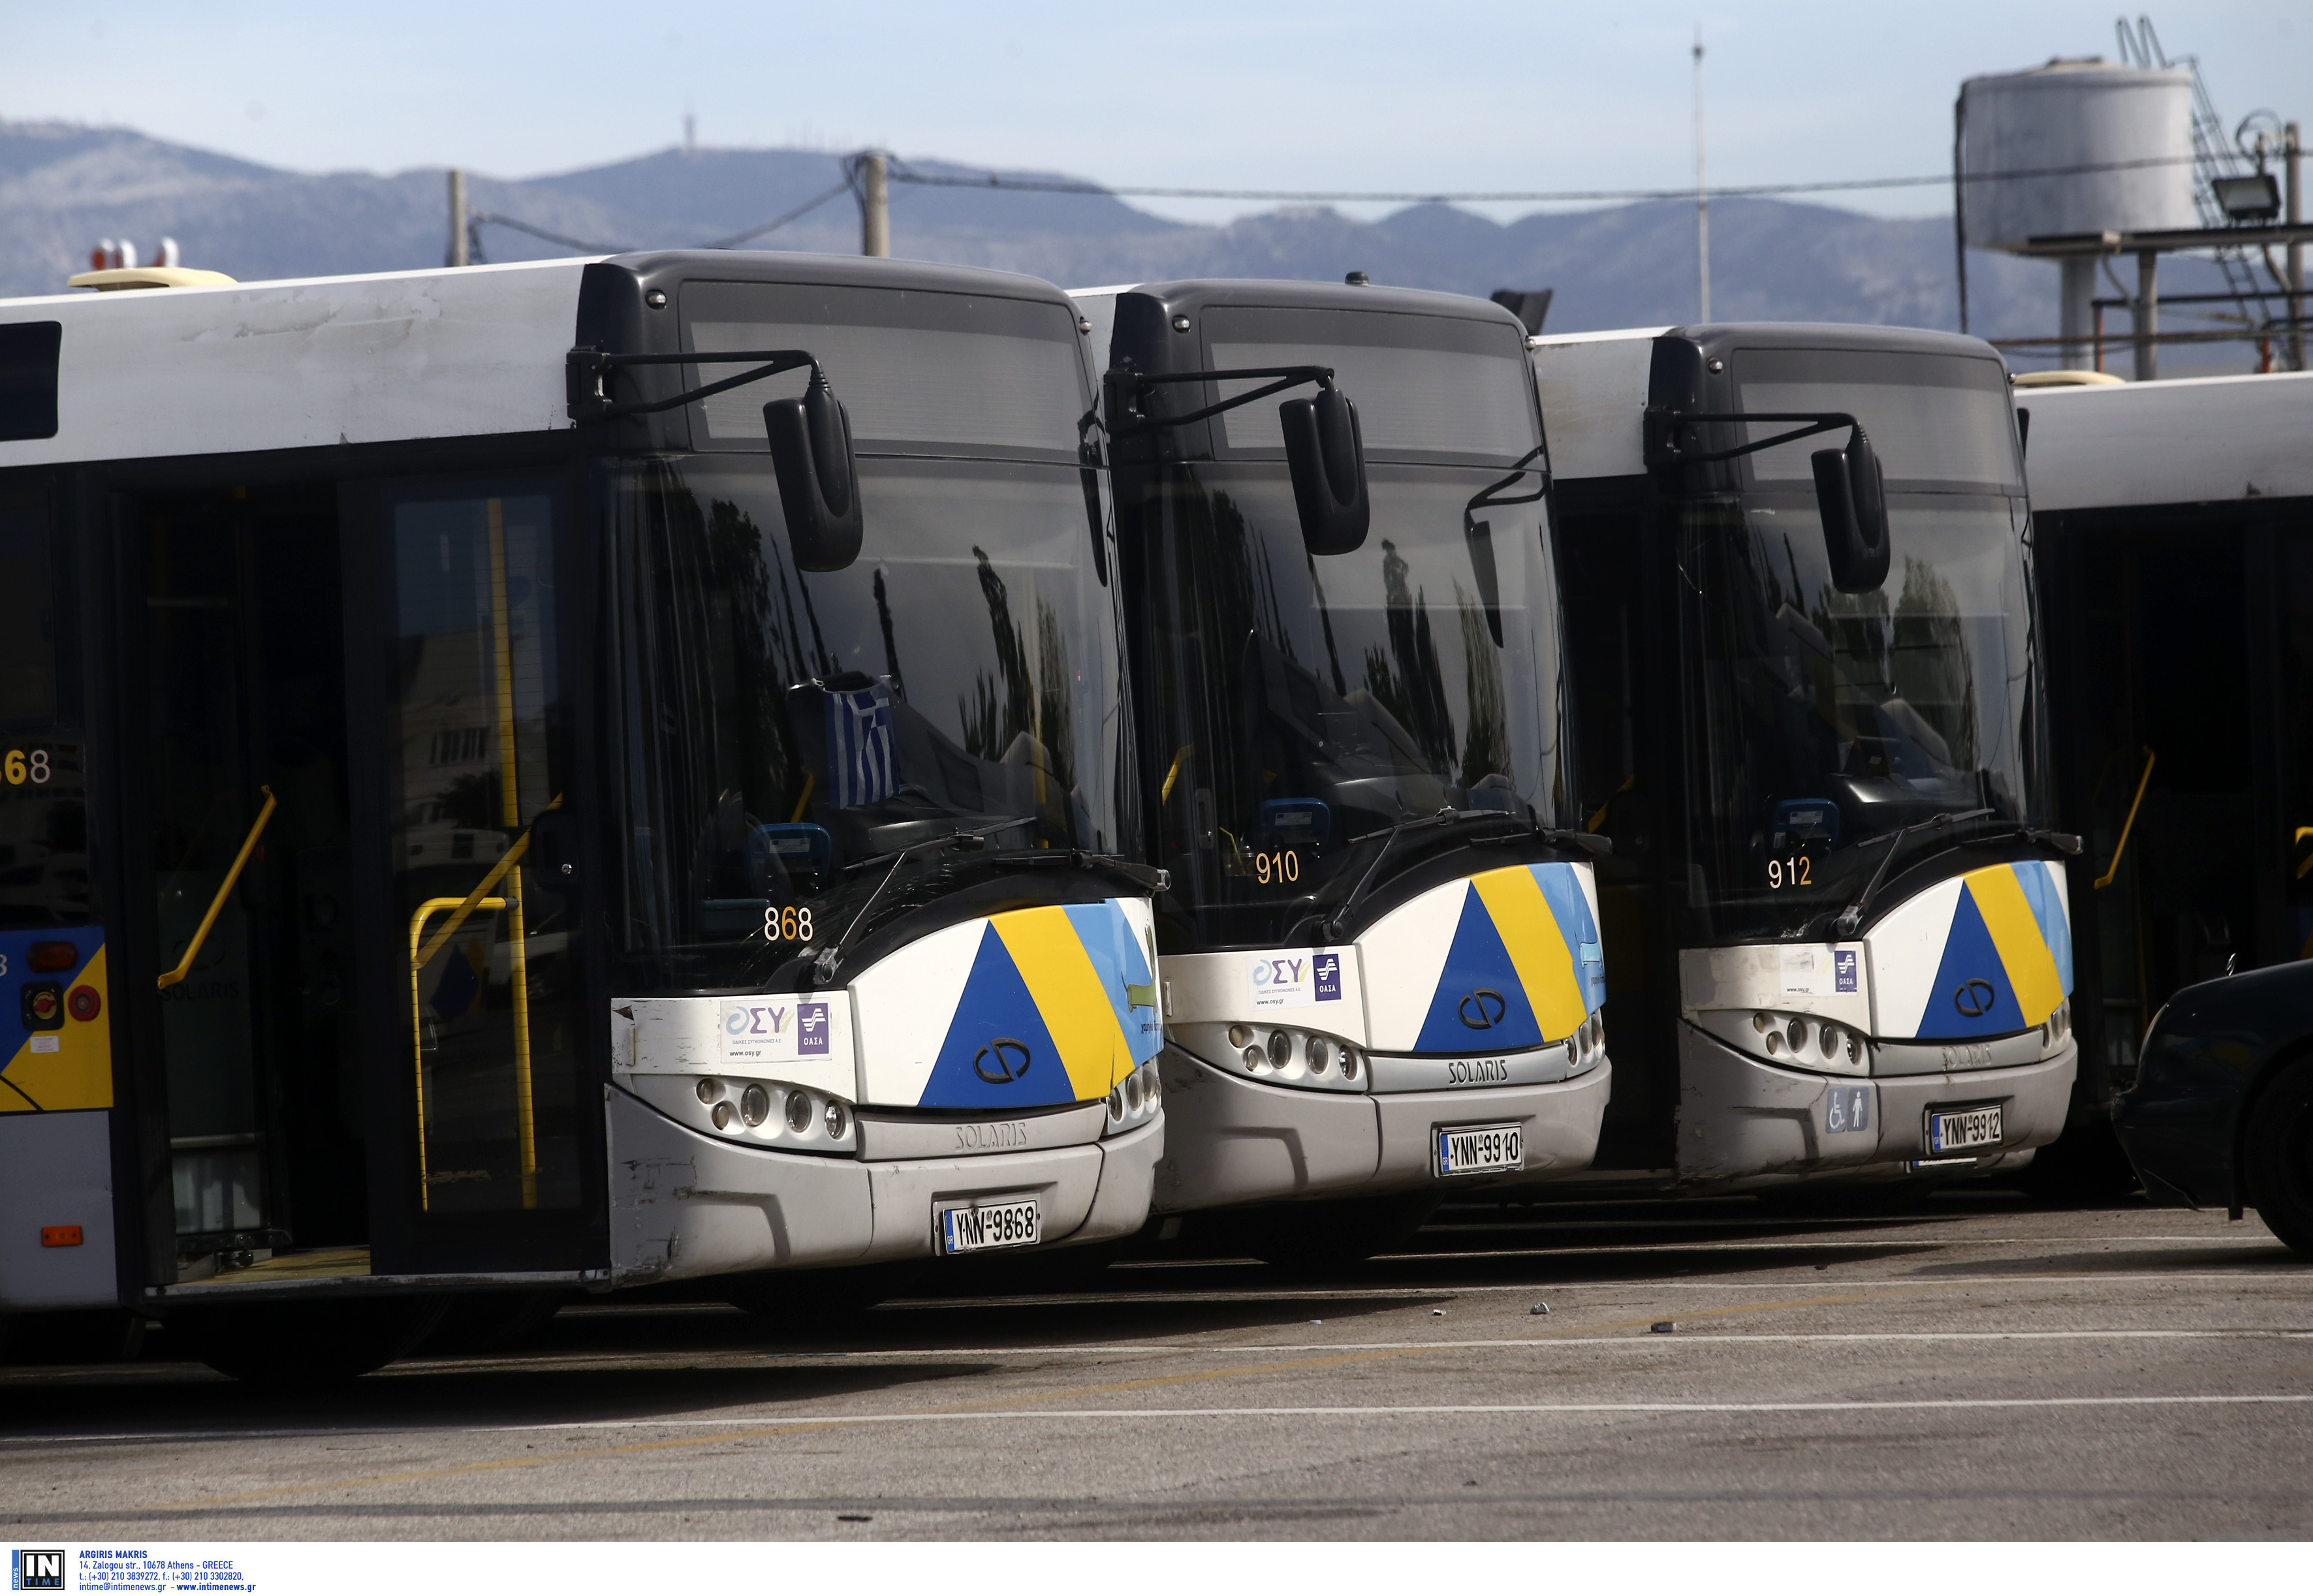 Χωρίς ΗΣΑΠ, τρόλεϊ και λεωφορεία αύριο – Στάσεις εργασίας σε Μετρό και Τραμ – Πως θα κινηθούν τα Μέσα Μεταφοράς λόγω απεργίας